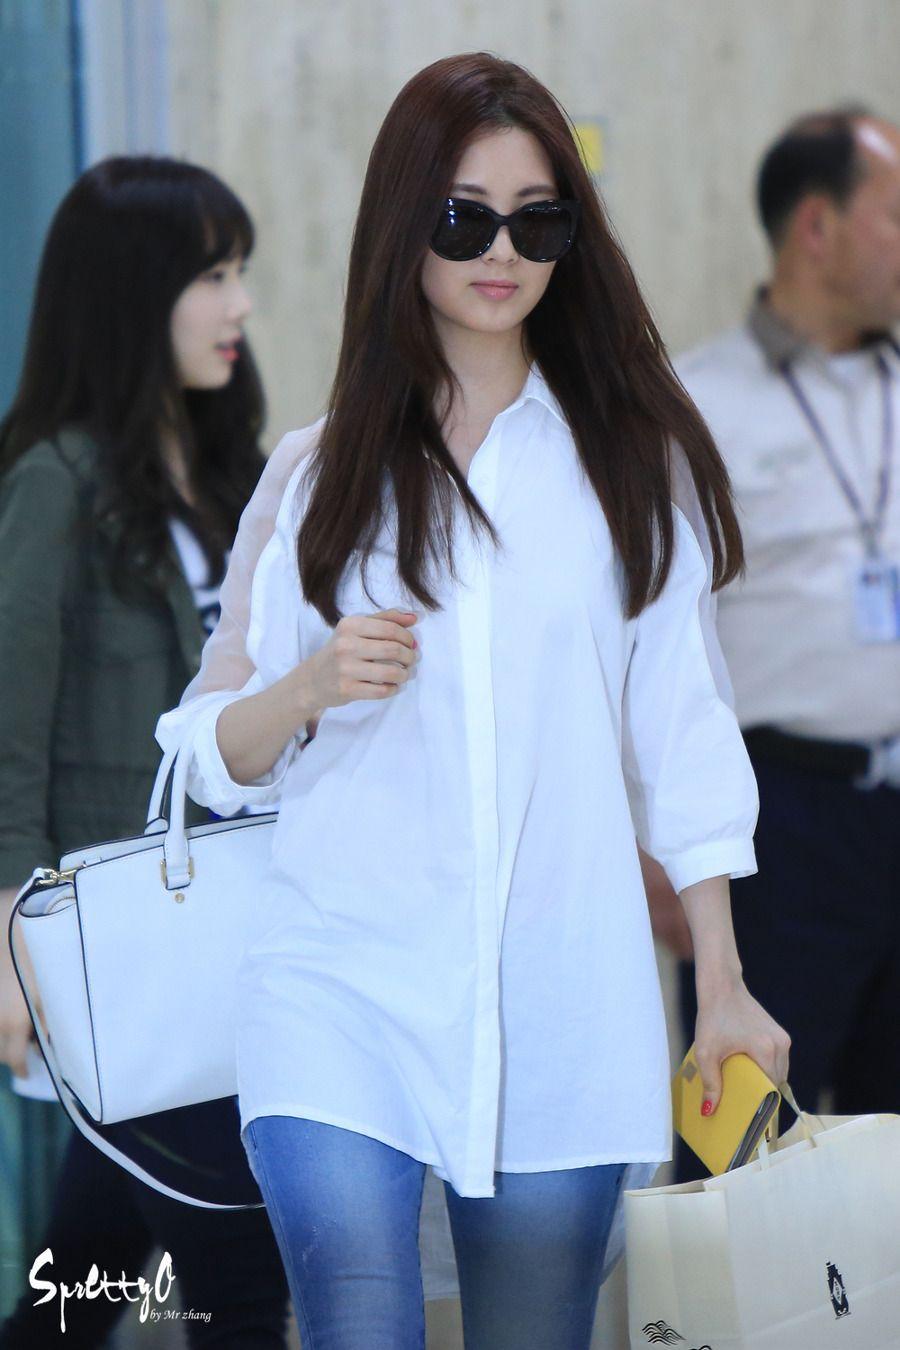 140526 seohyun's airport fashion | Fashion, Seohyun, Women